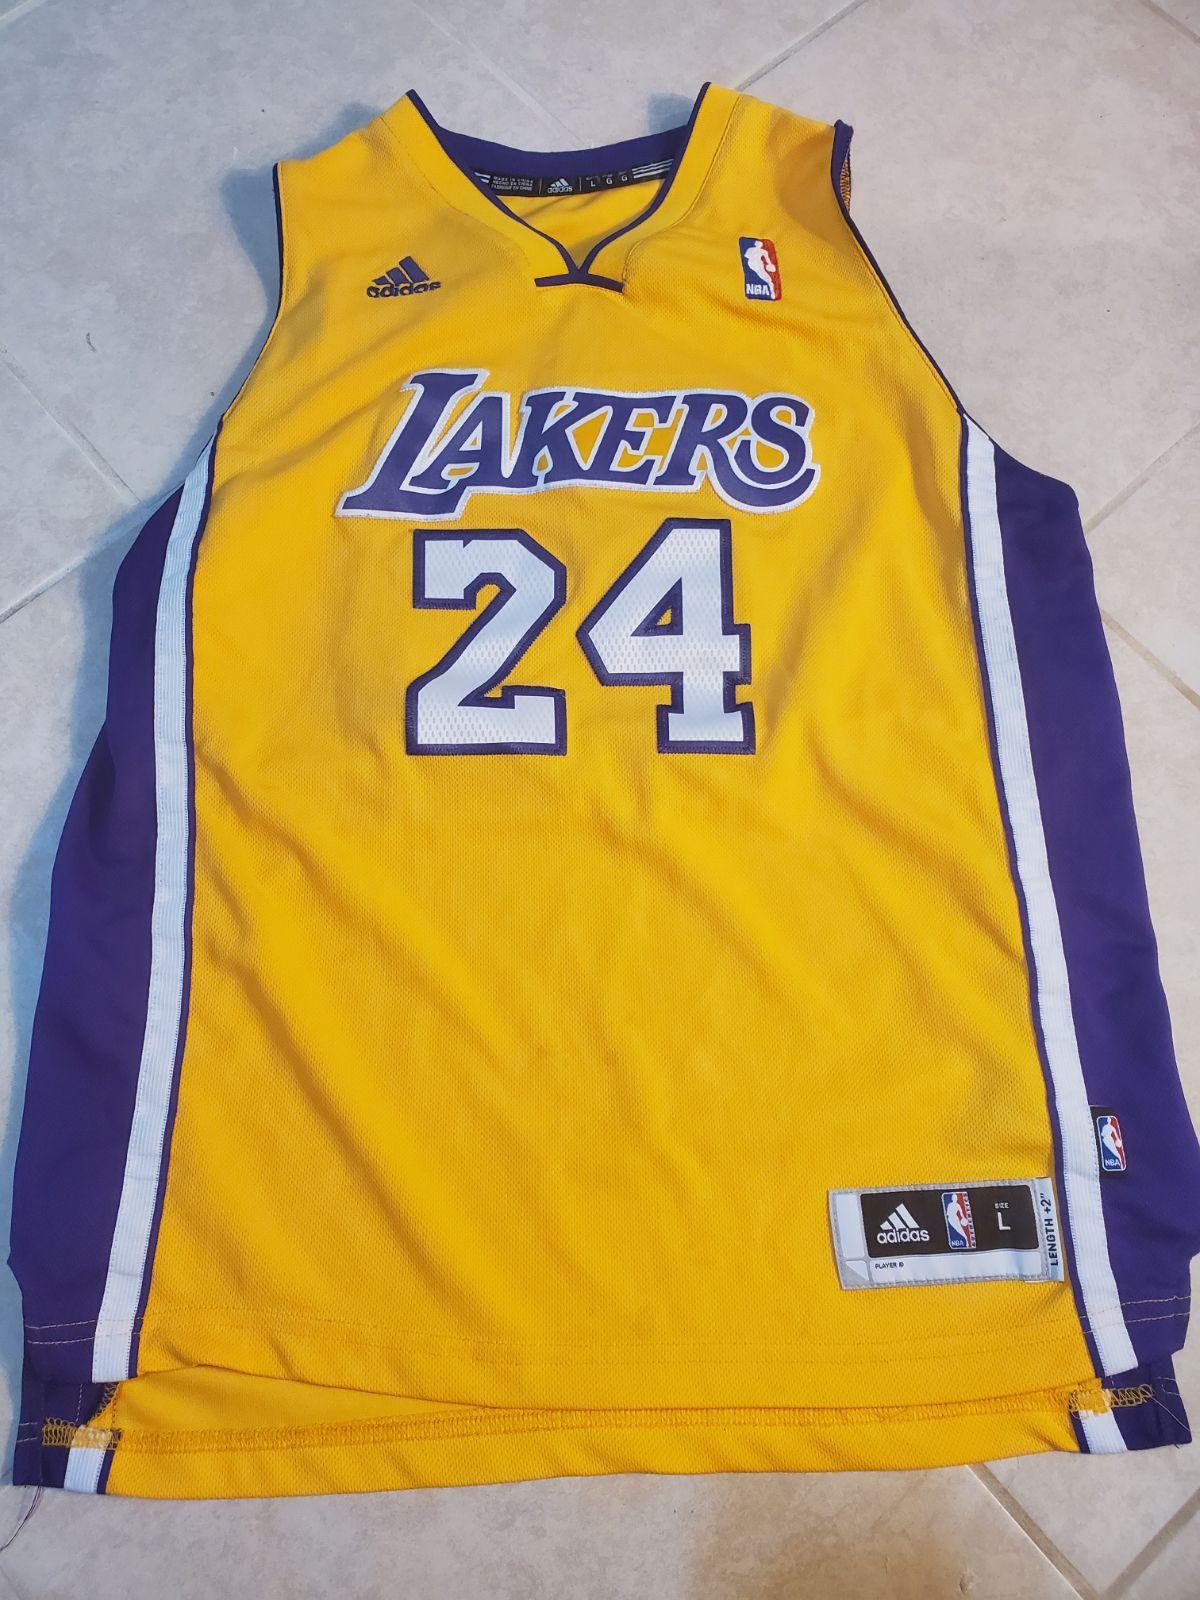 Adidas NBA jersey youth Kobe Bryant on Mercari | Adidas nba jersey ...